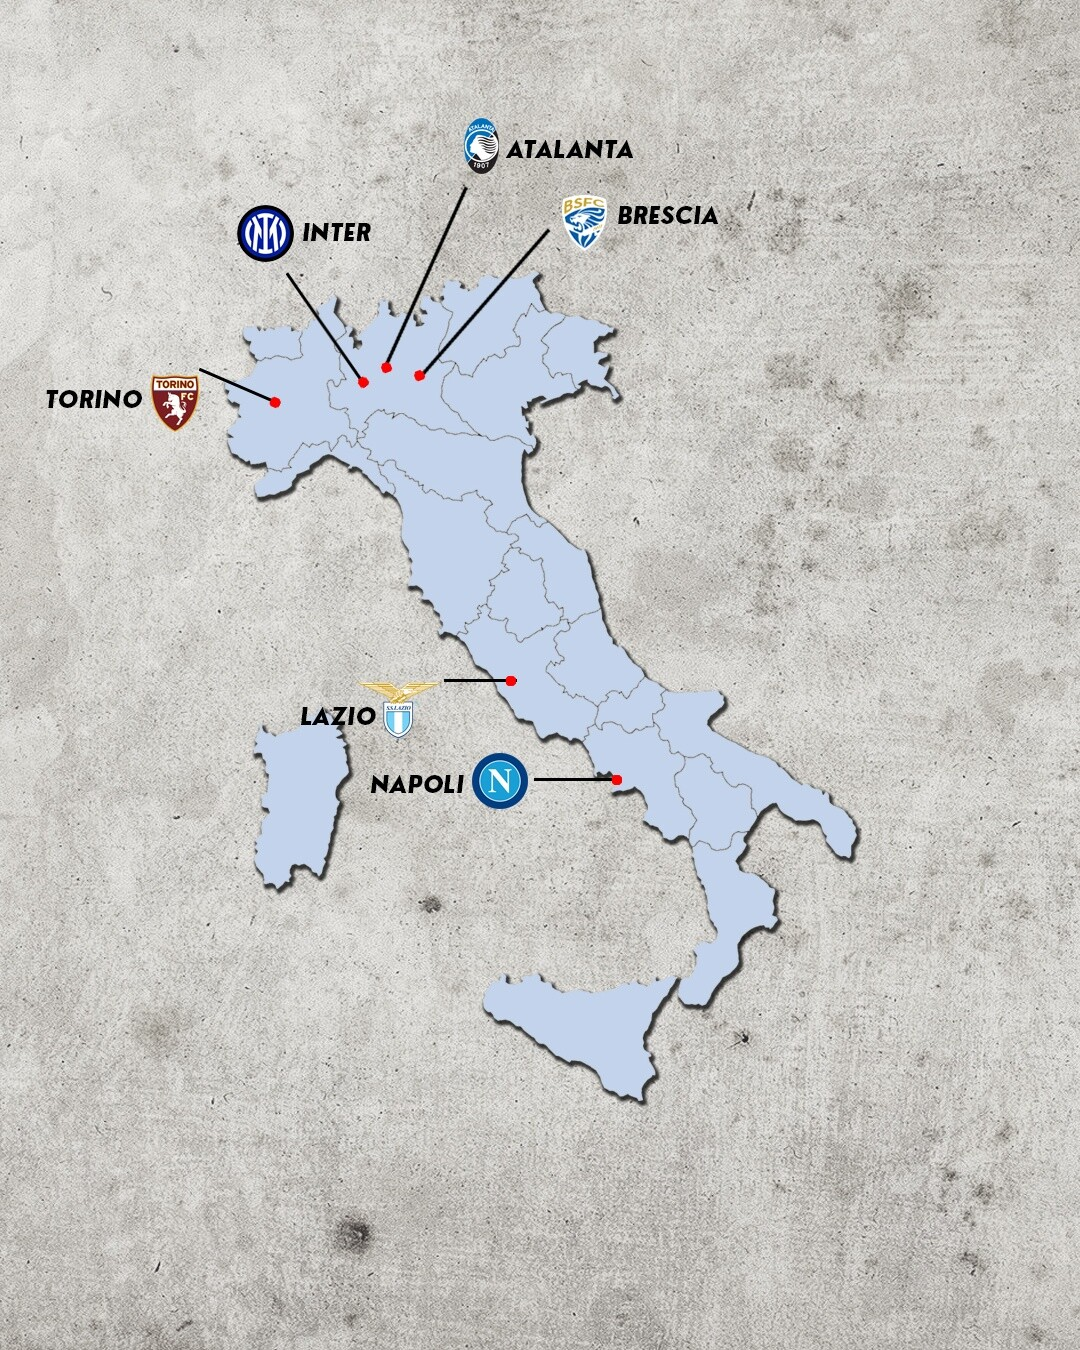 rivalidades do campeonato italiano - rivais da atalanta